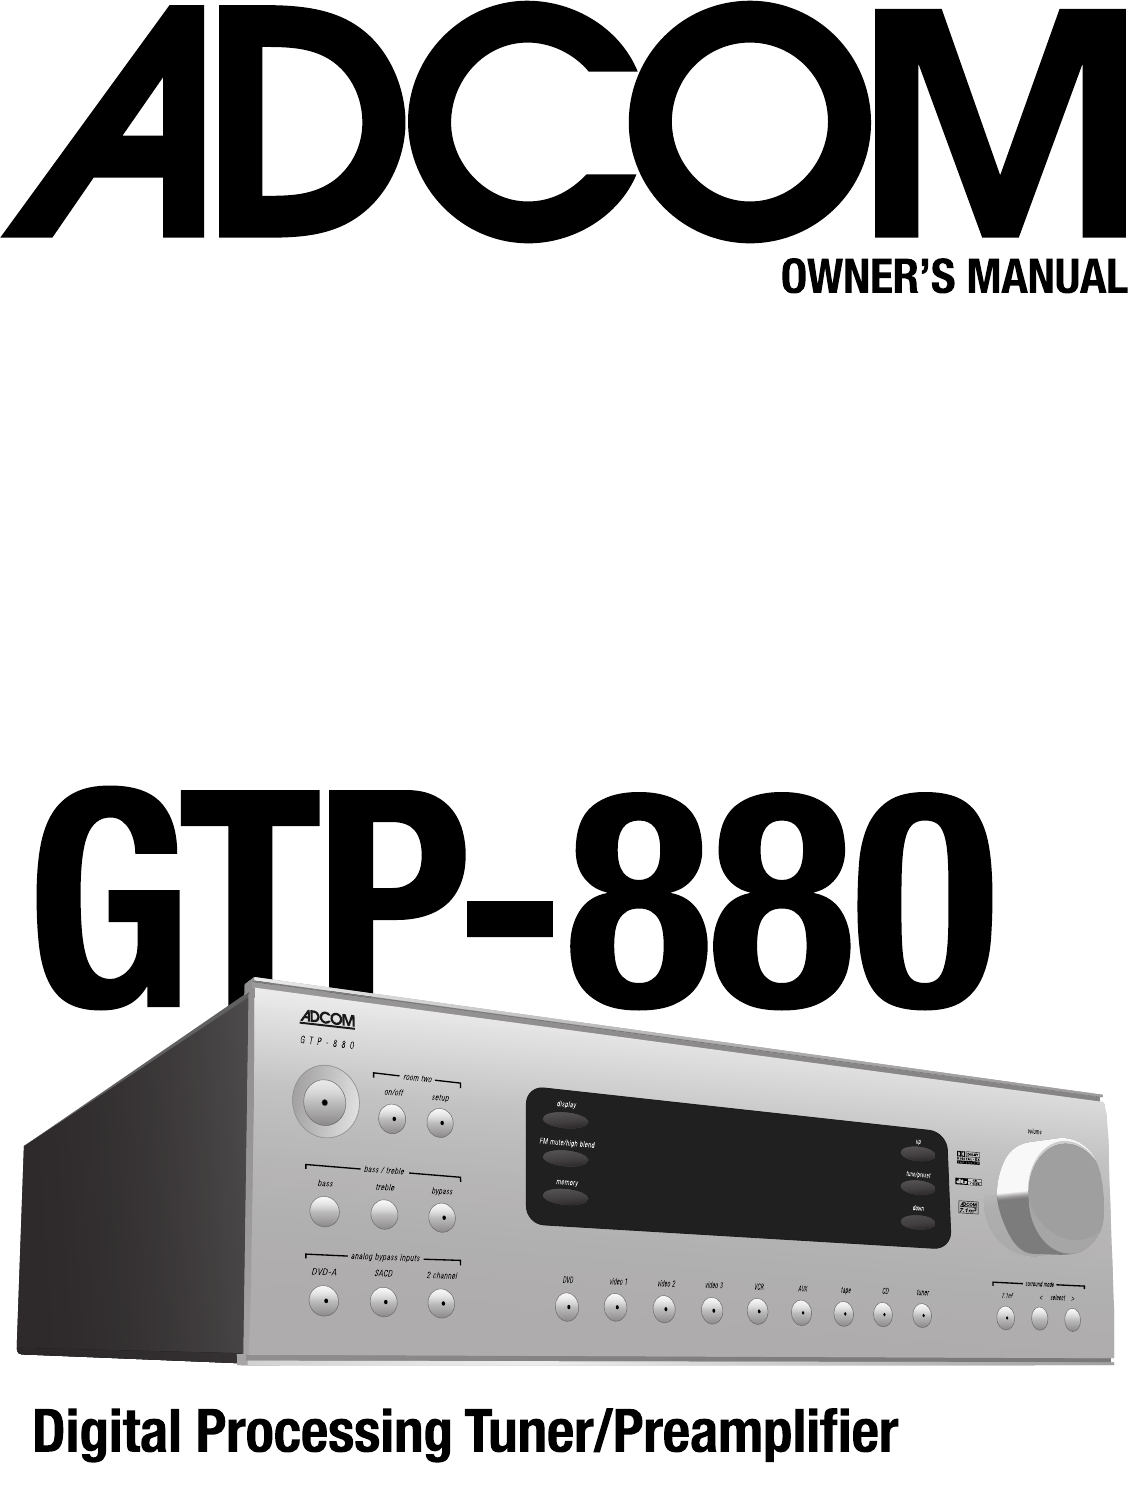 adcom home theater system gtp 880 user guide manualsonline com rh audio manualsonline com